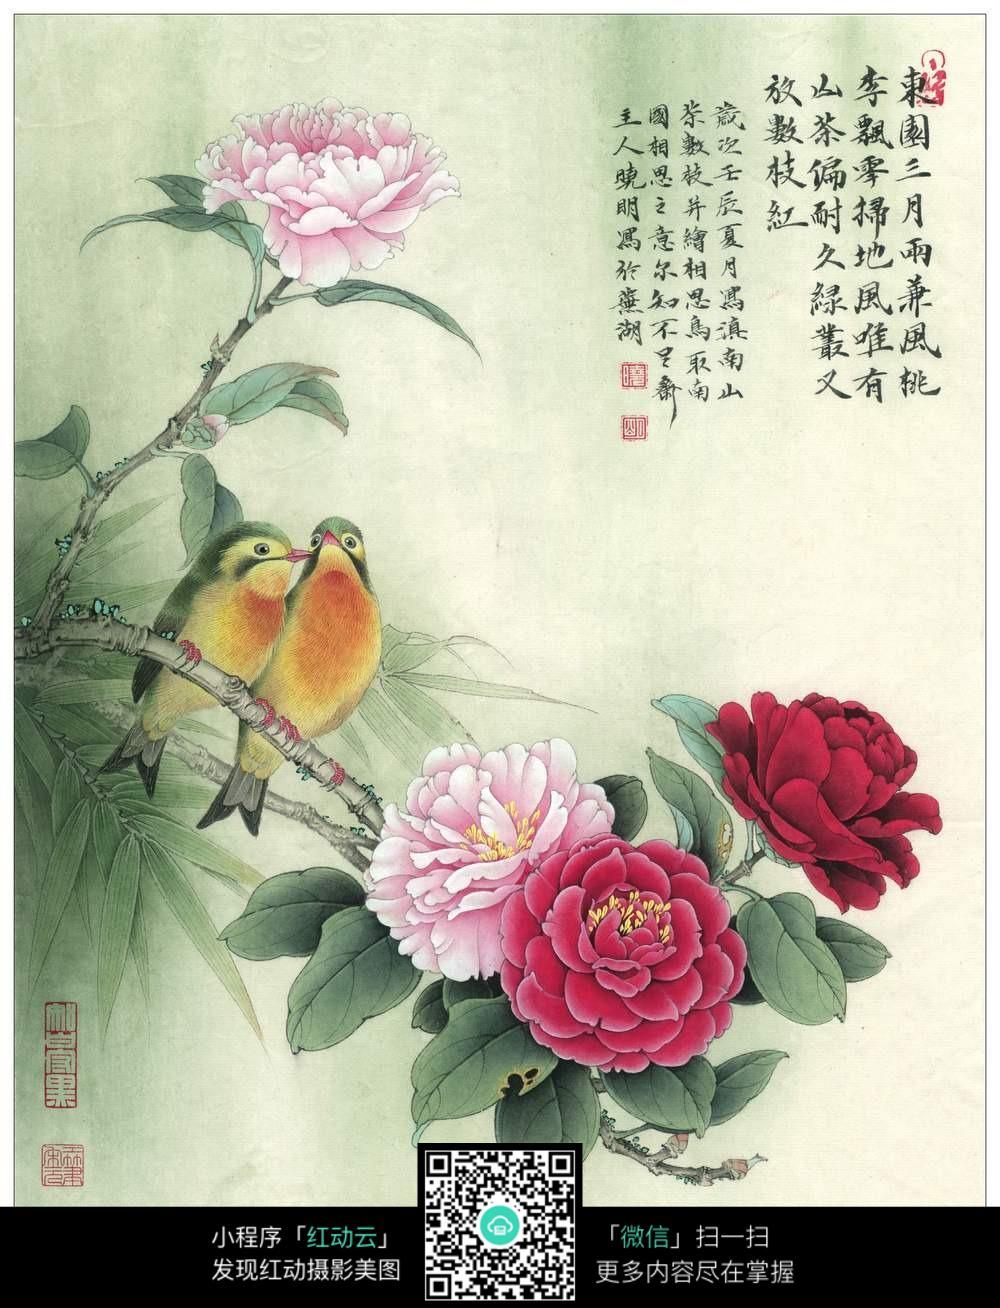 海棠花古风插画图片